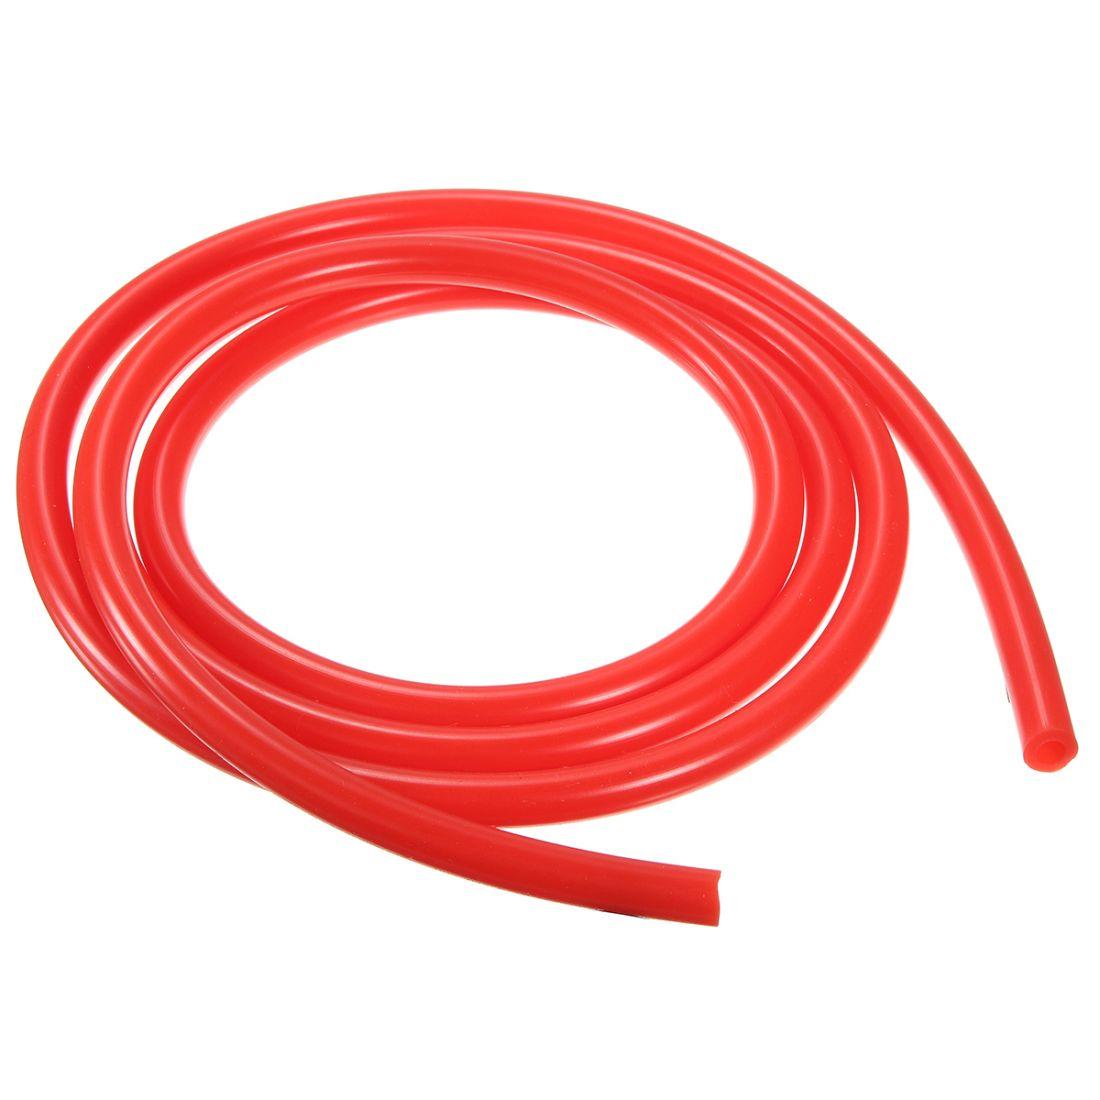 Шланг ПВХ, повышенной жесткости, 10*6 мм, 1 метр, красный